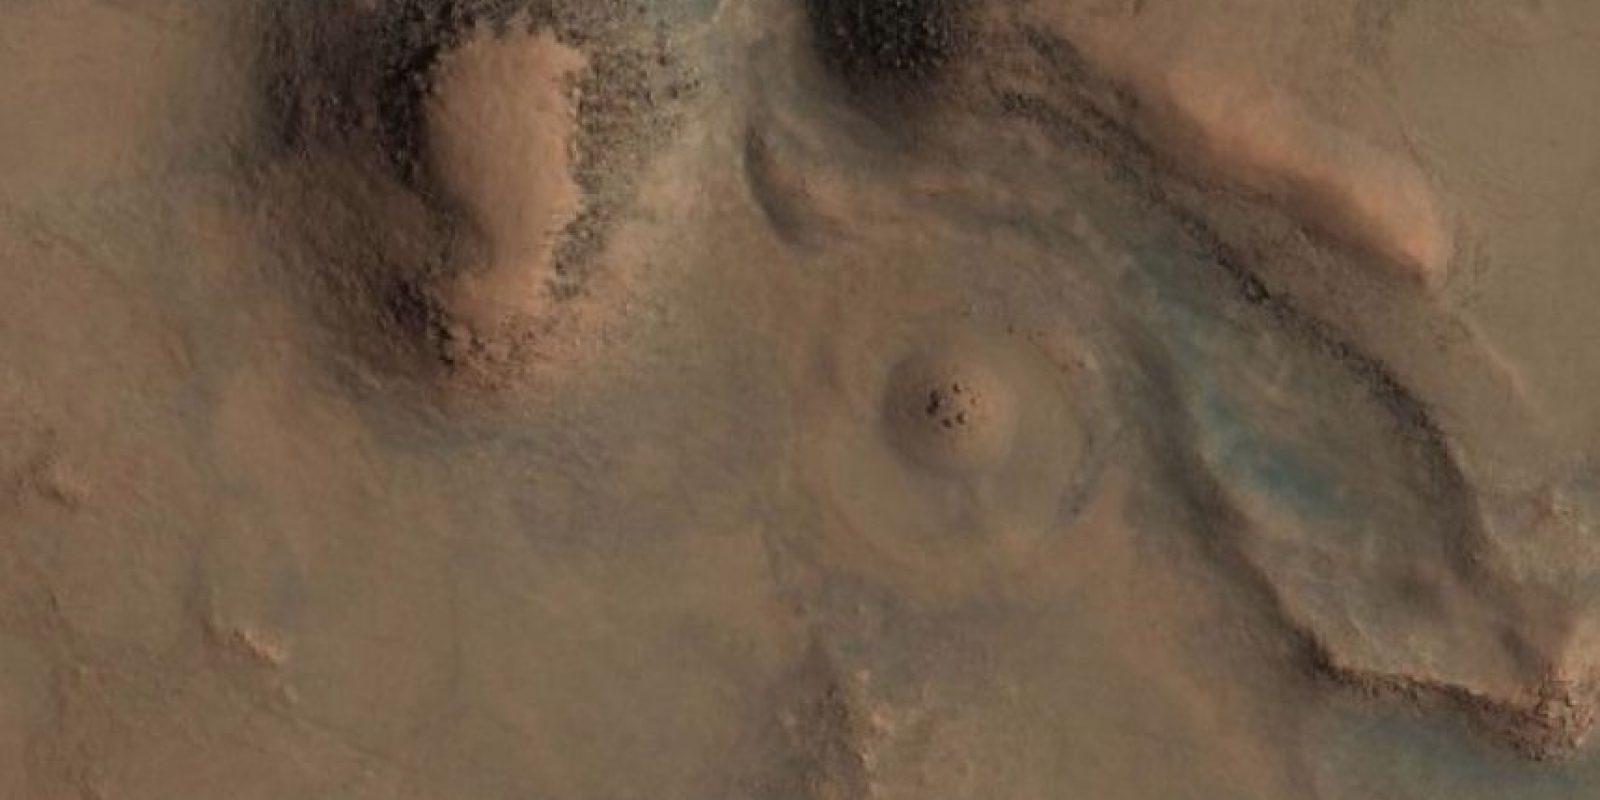 Esta es la imagen difundida por la agencia espacial Foto:http://hirise-pds.lpl.arizona.edu/PDS/EXTRAS/RDR/ESP/ORB_028800_028899/ESP_028891_2085/ESP_028891_2085_RGB.NOMAP.browse.jpg